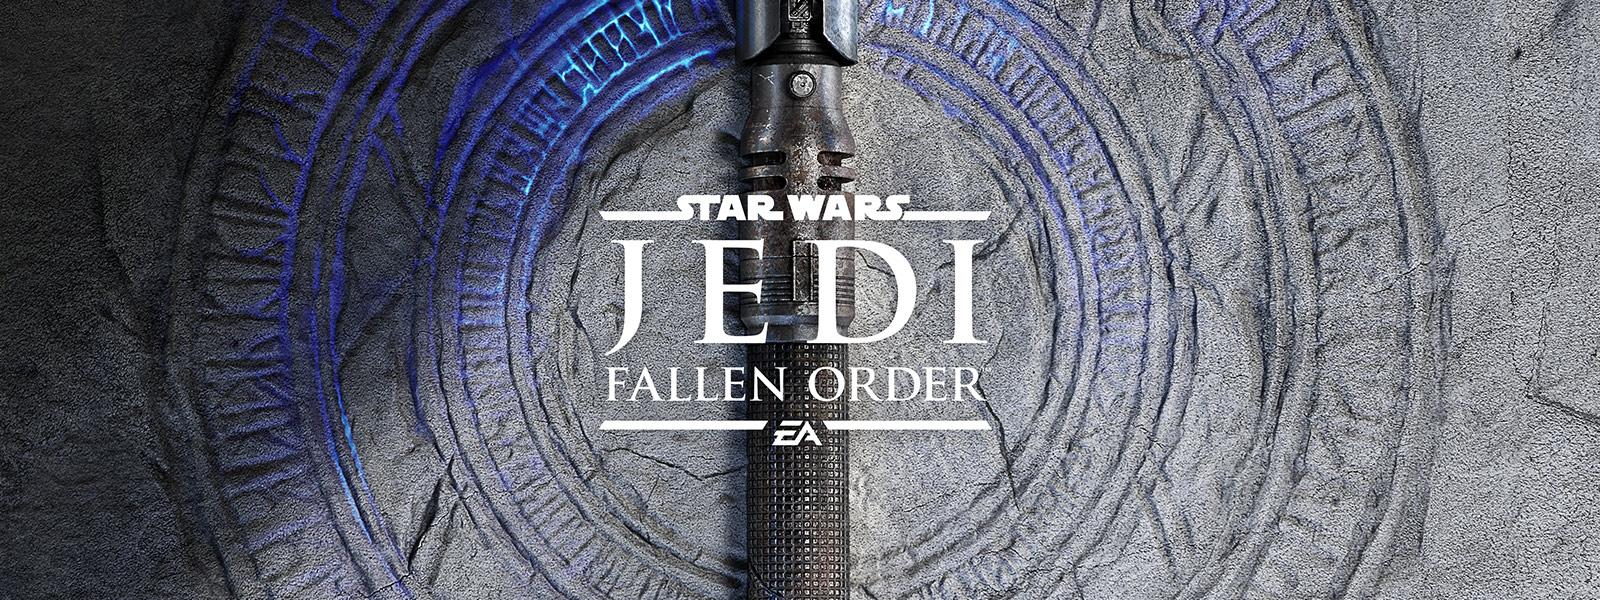 Star Wars Jedi Fallen Order-Logo, leuchtend blaue Risse im Boden mit einem Lichtschwert oben